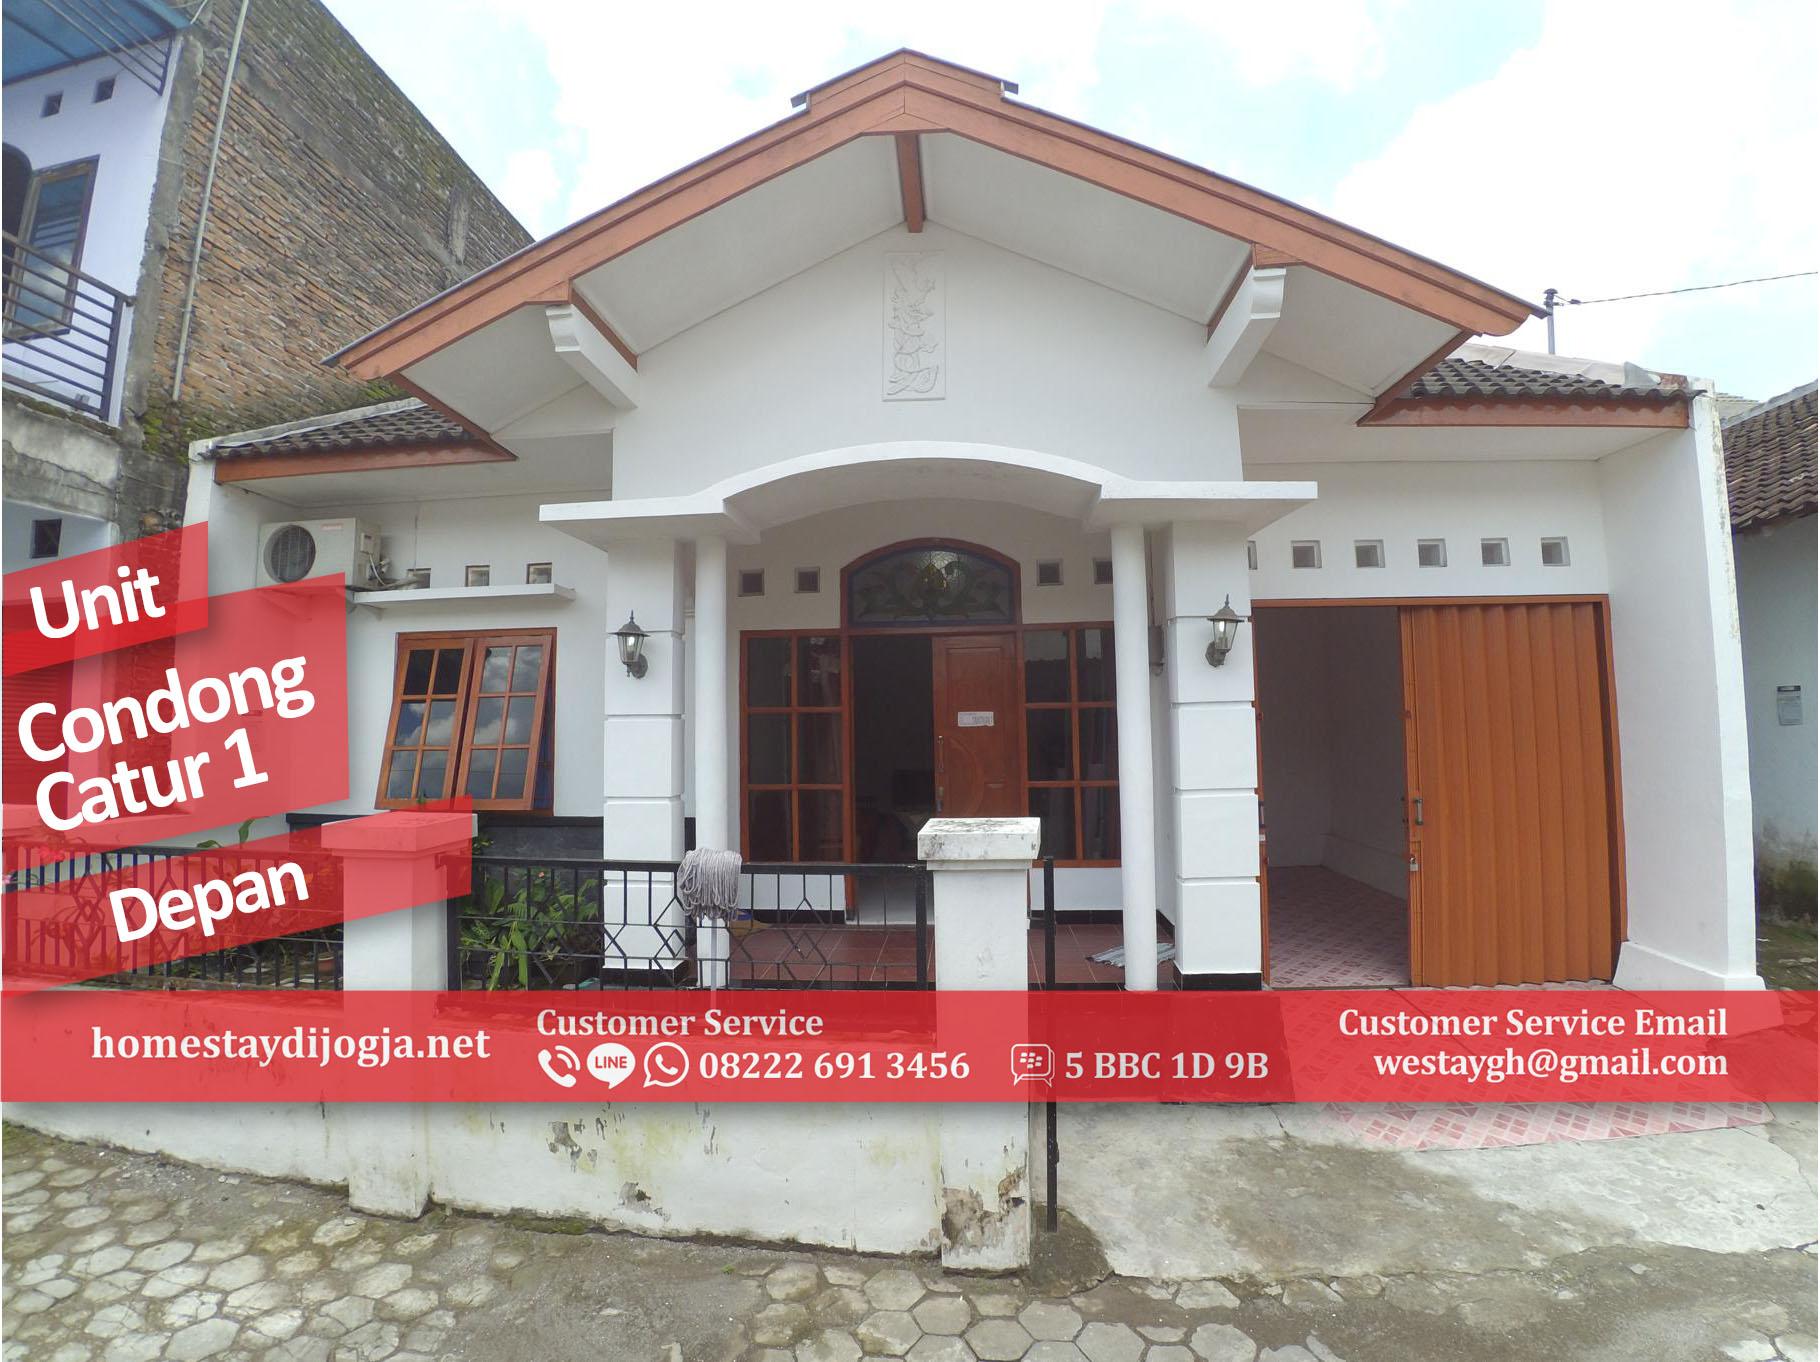 Homestay Murah 2 Kamar AC hingga 15 orang harga 550.000/malam di Condong Catur